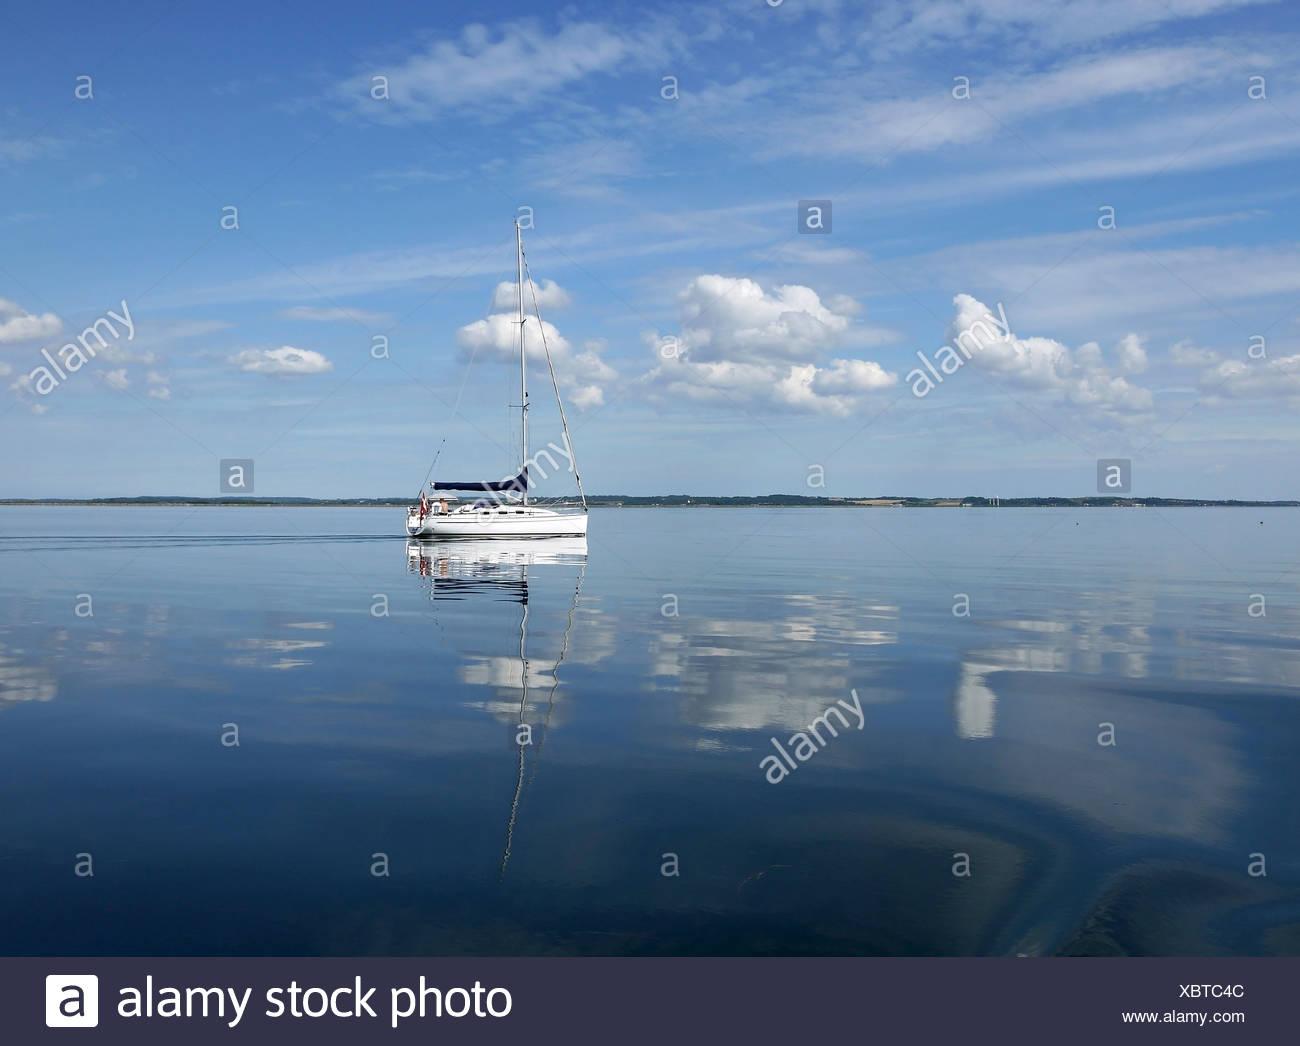 calmness at limfjorden, nordjylland, denmark - Stock Image